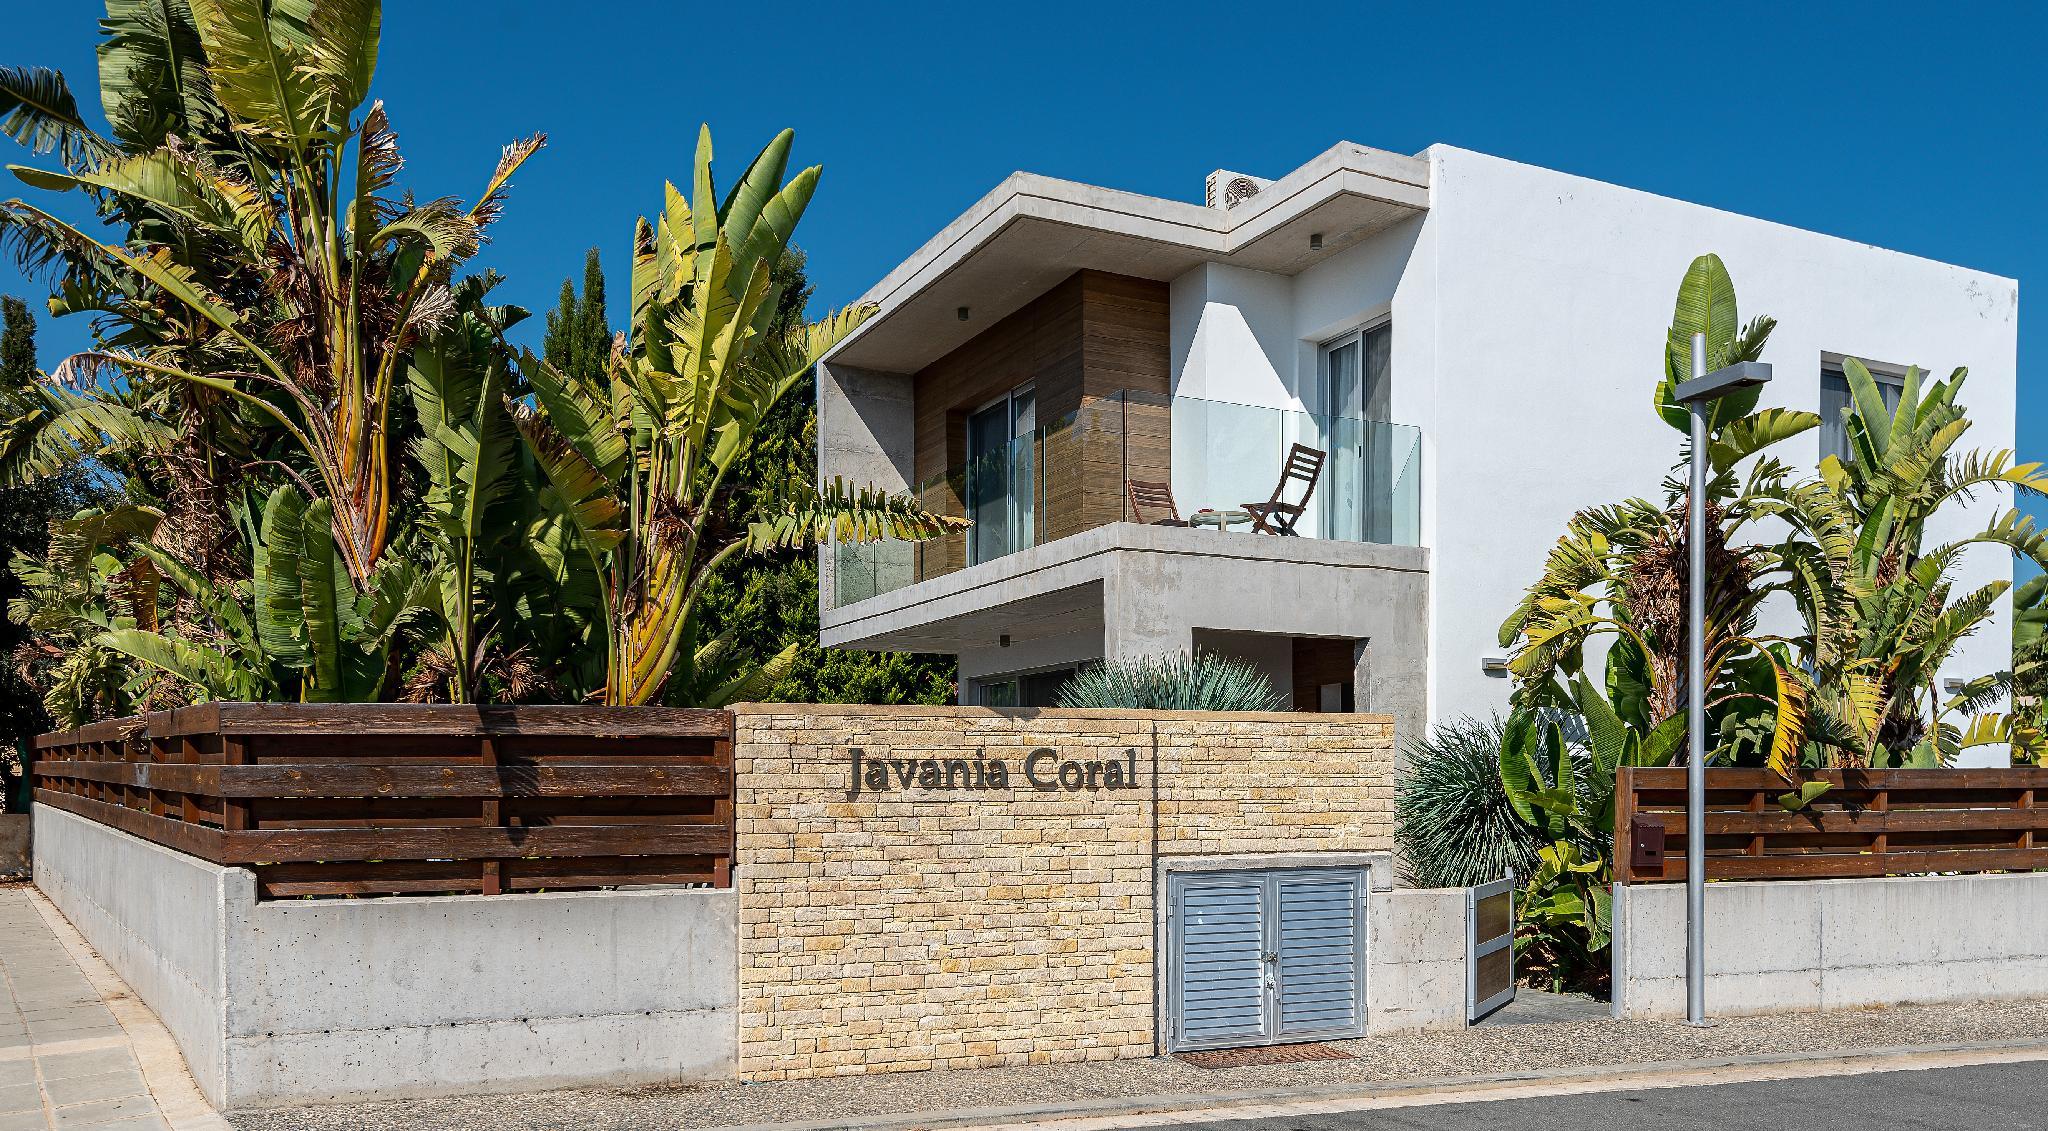 Javania Coral